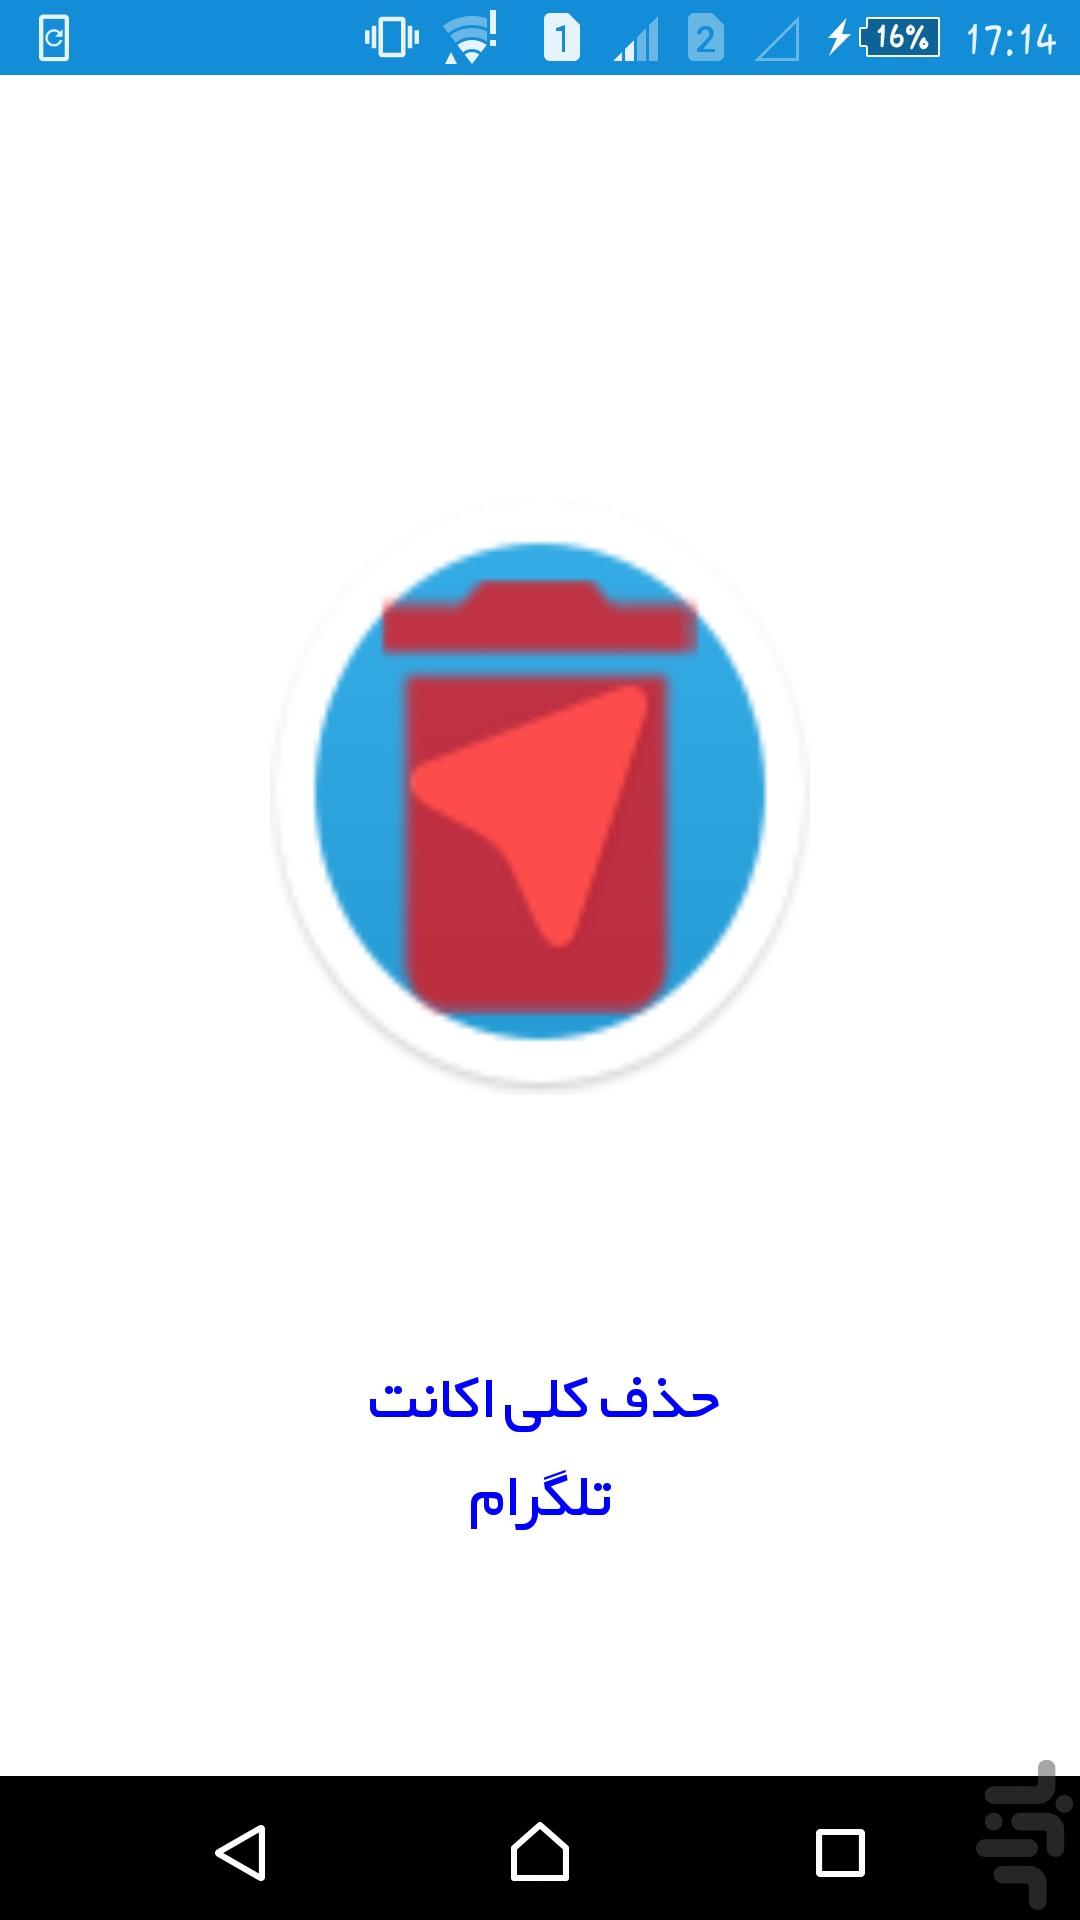 دانلود تلگرام فارسی اندروید2 2 Скачать حذف اکانت تلگرام APK 2 better для Андроид - другое скачать бесплатно.